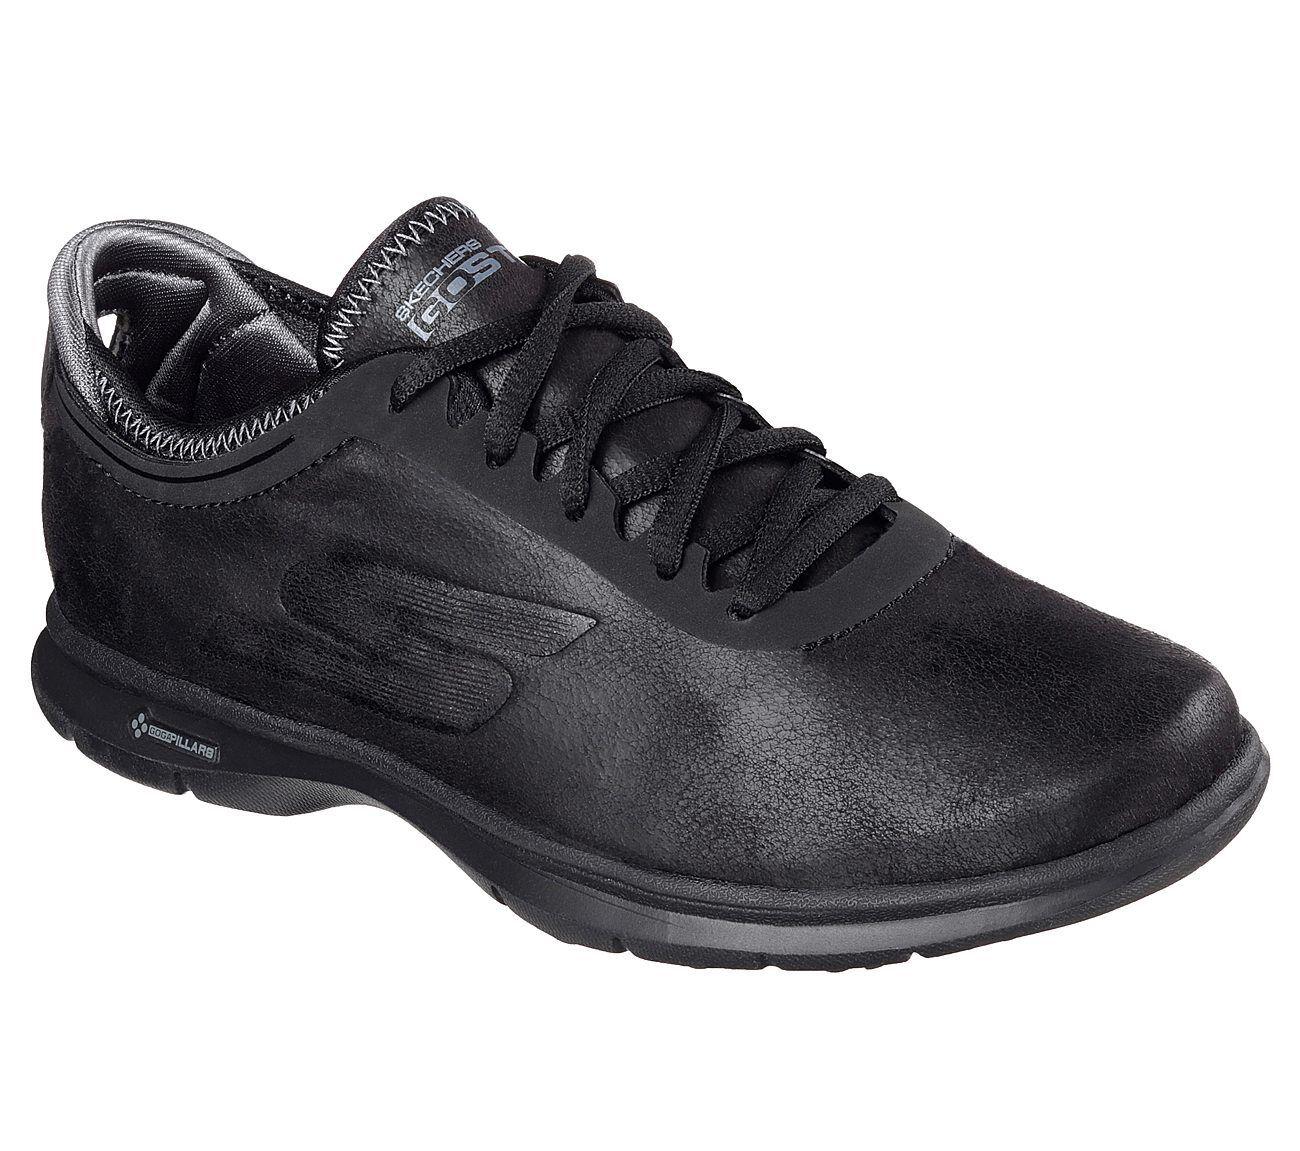 Nouveau Haut 7 M Skechers Go Marche-Superior Chaussures Noir